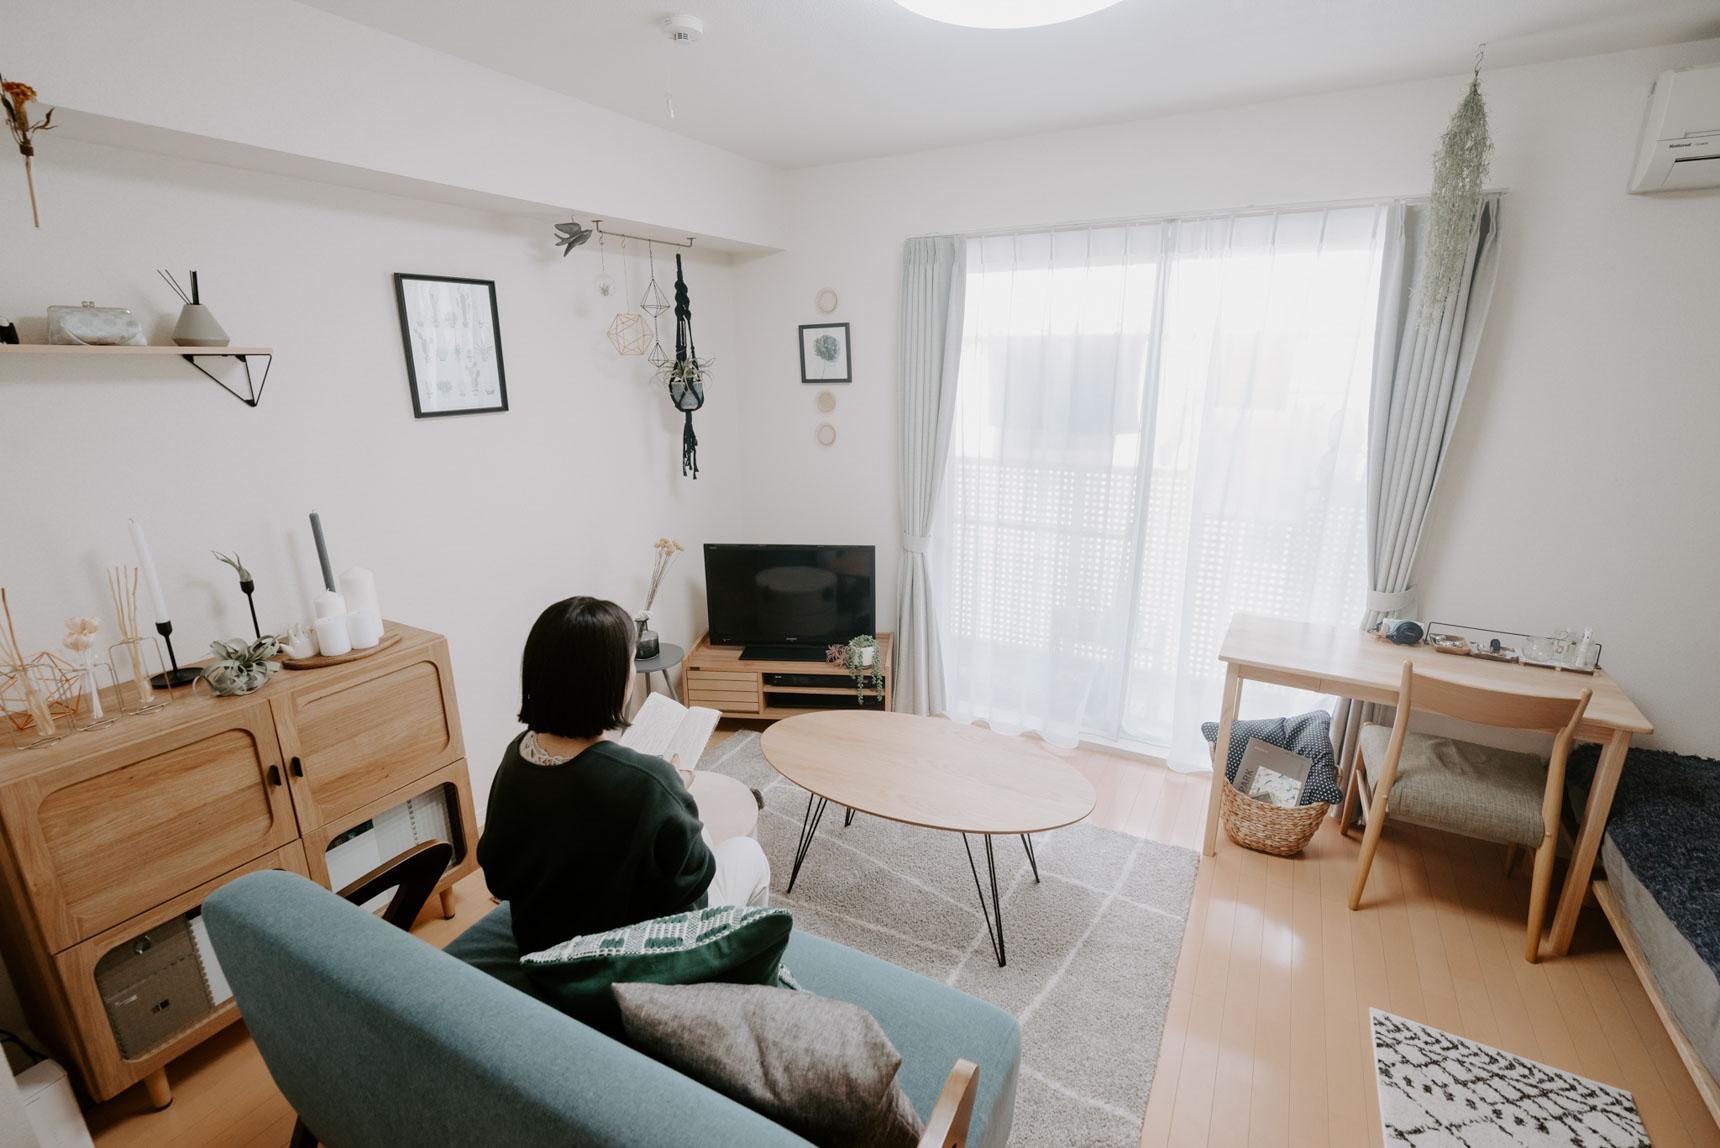 生活動線の考えられた家具配置が見事で、とても広く見えるお部屋です。